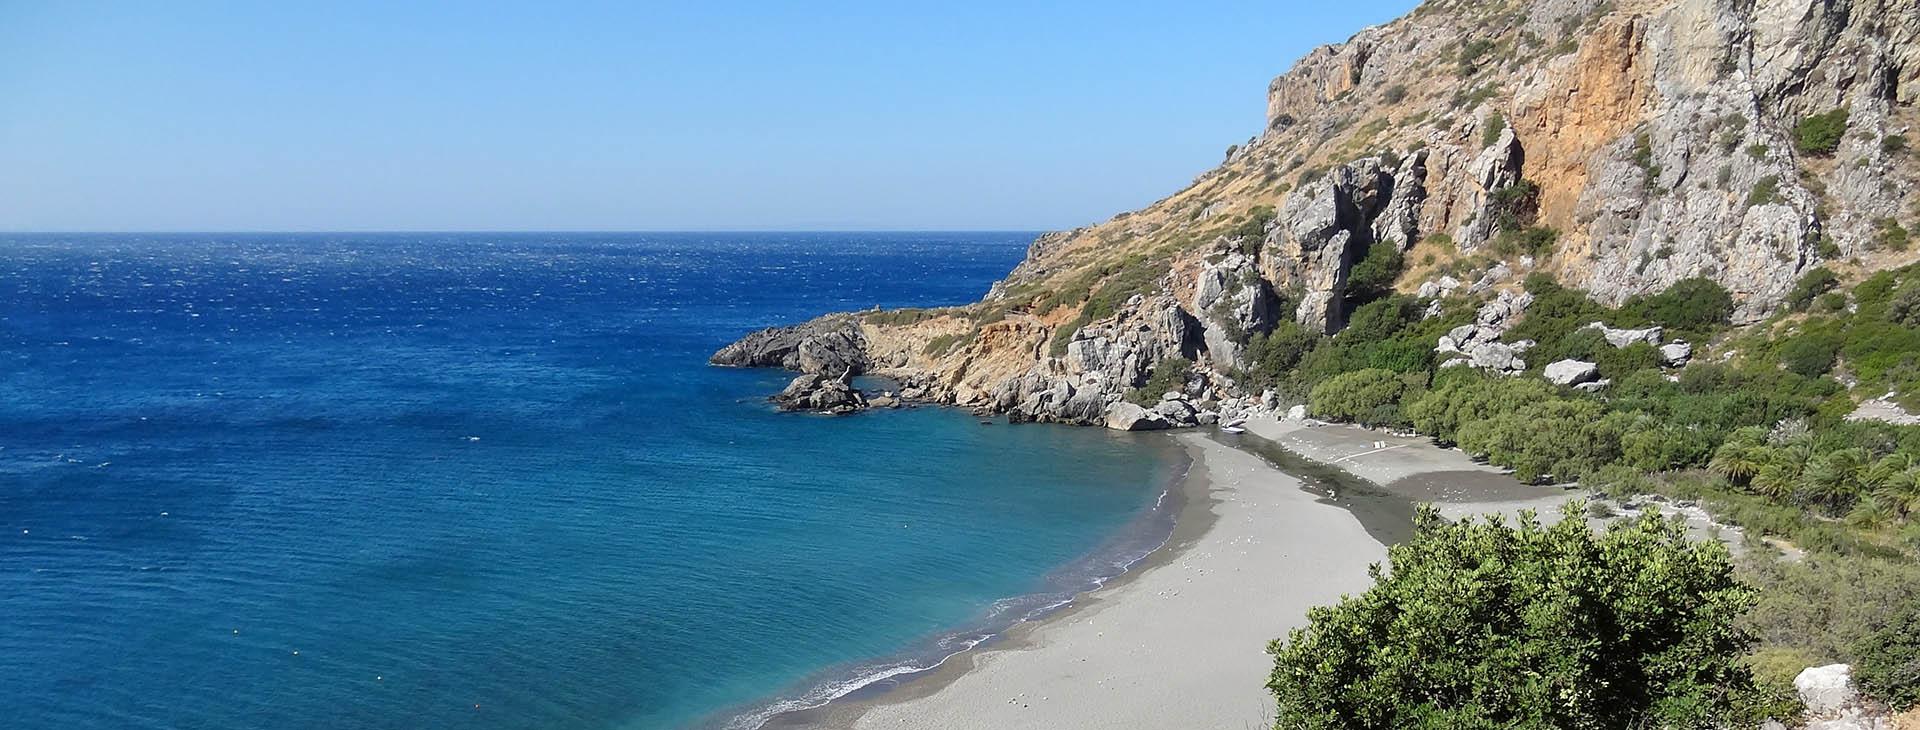 Preveli beach, Rethymnon